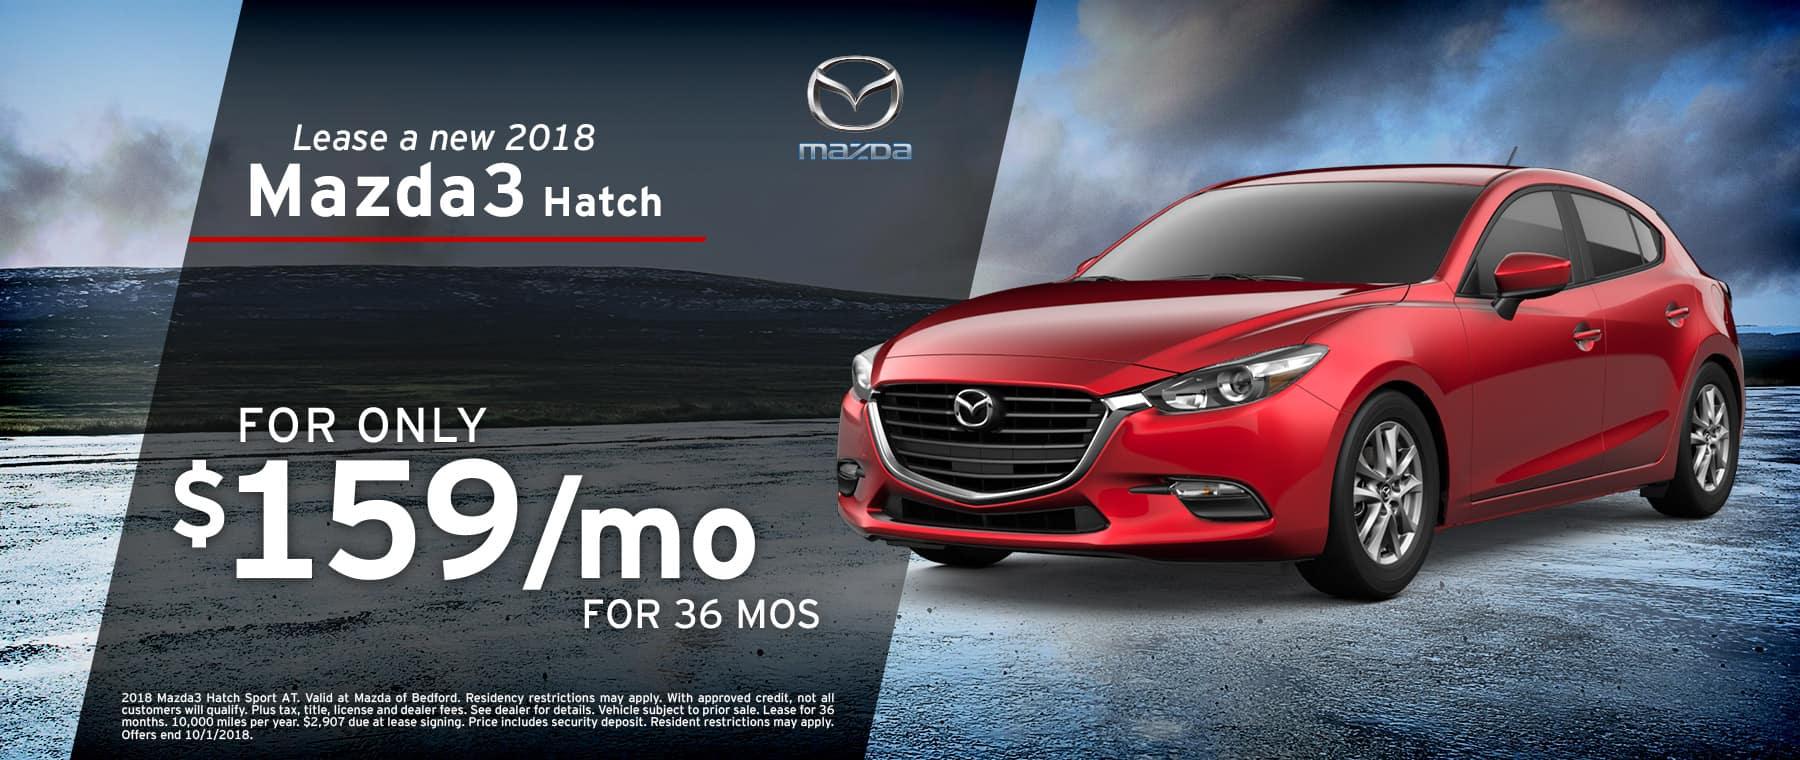 2018 Mazda3 Hatch